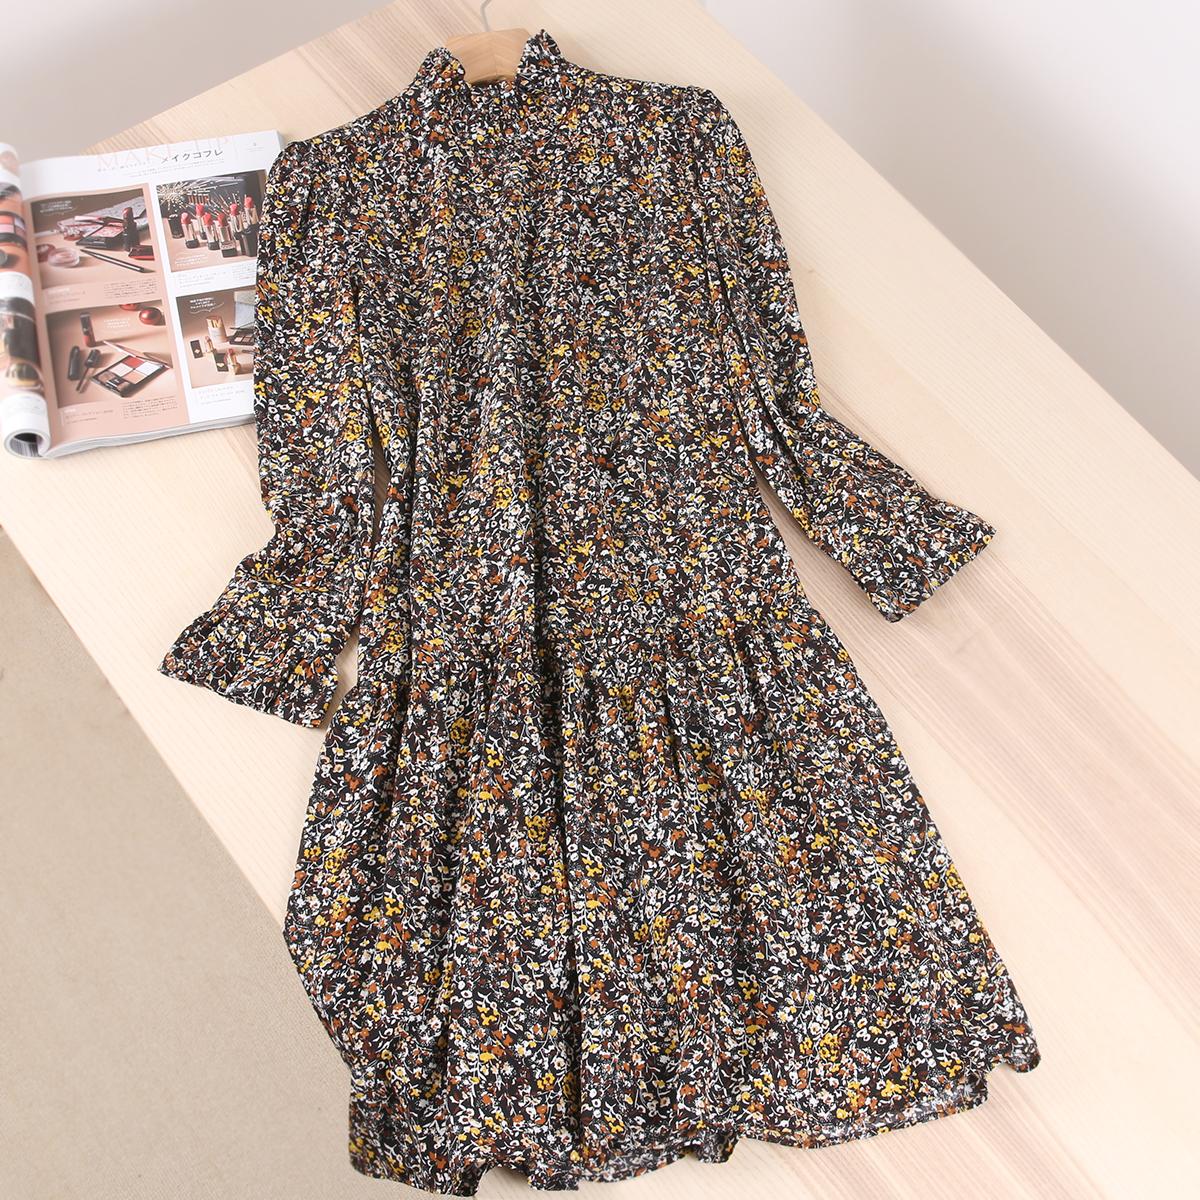 法式惬意茶歇~含金葱线捏褶裙摆碎花宽松木耳领雪纺中长连衣裙女